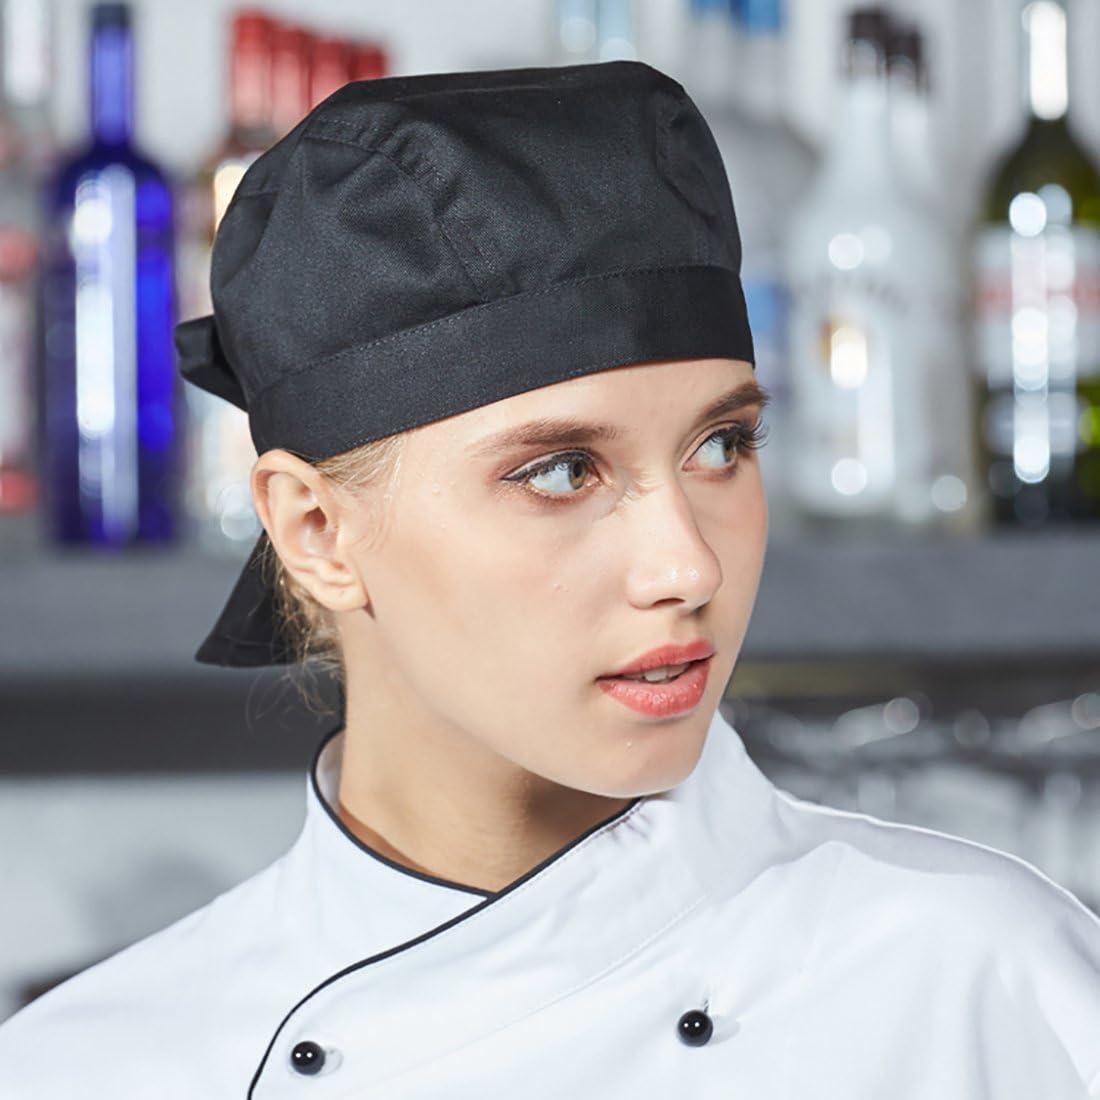 LISSOMPLUME Unisexe Toque Bandana De Cuisine Chef Femme Bandana Chapeau De Cuisinier Homme